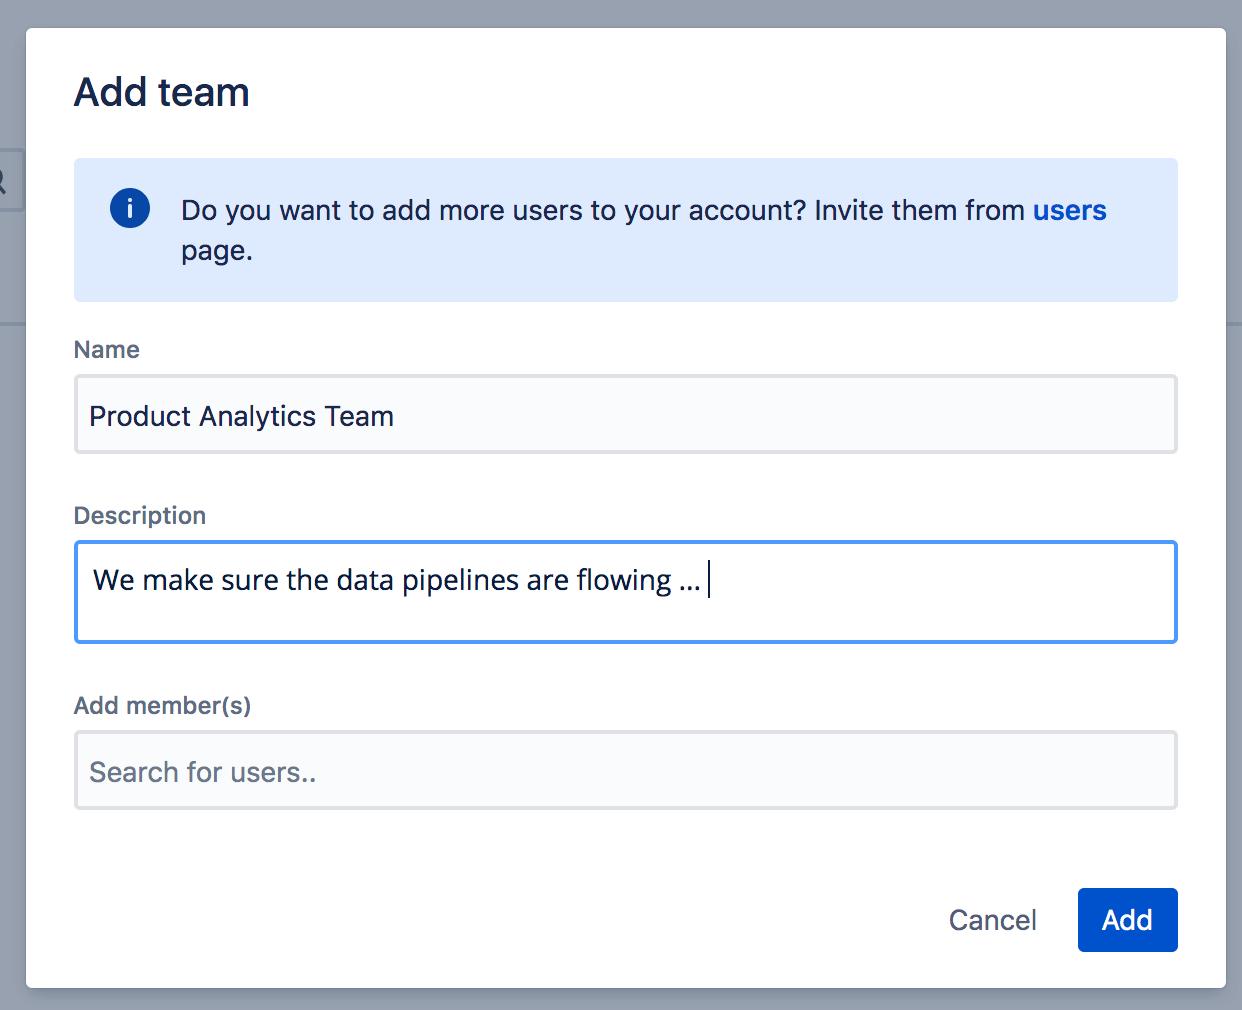 Screenshot mit Feldern zum Hinzufügen eines Teams